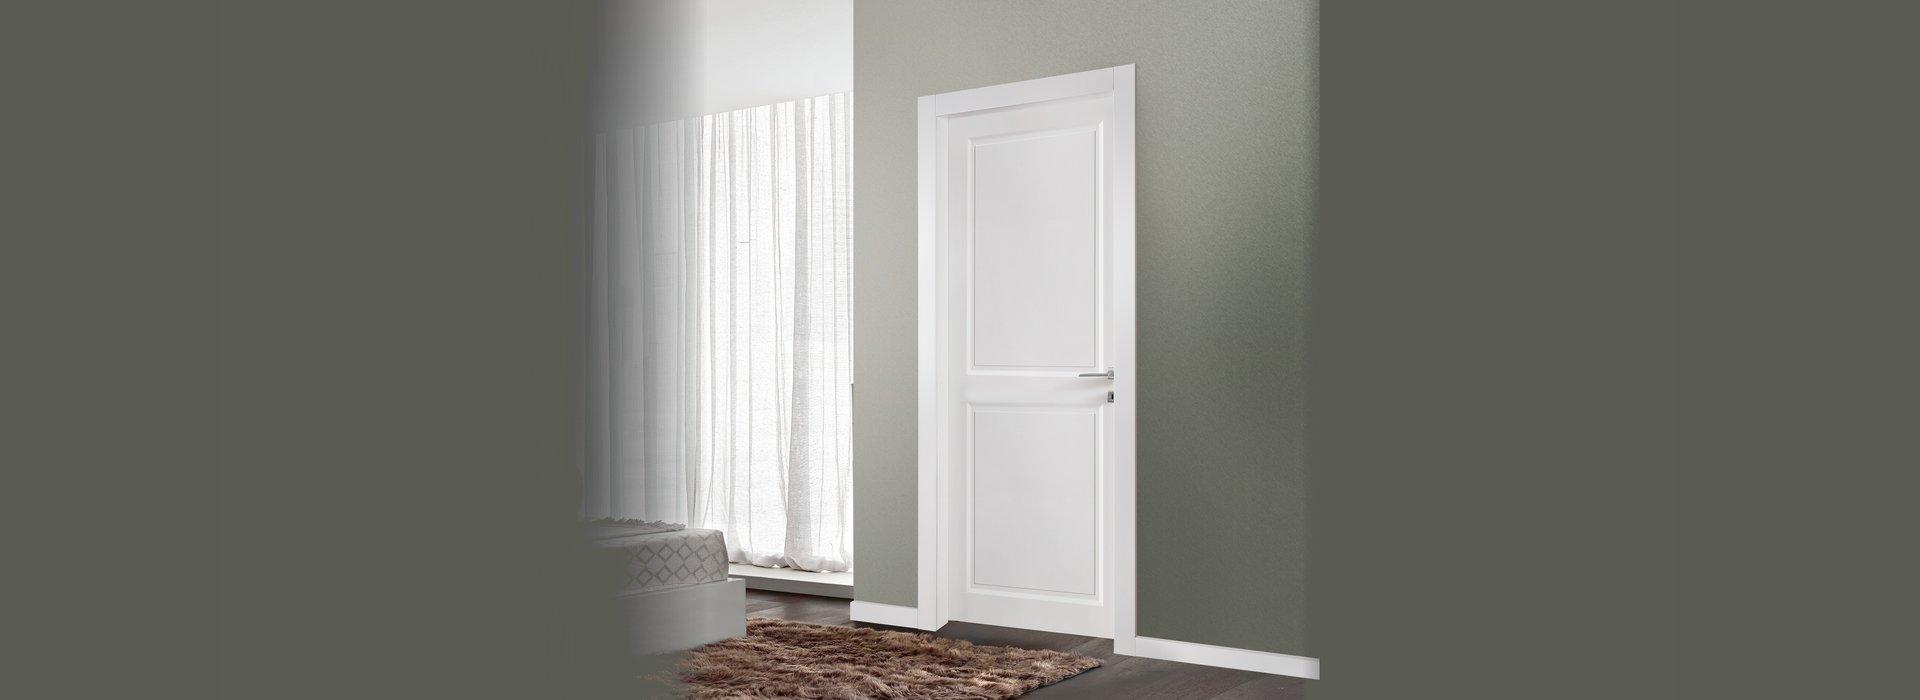 porte in legno moderne